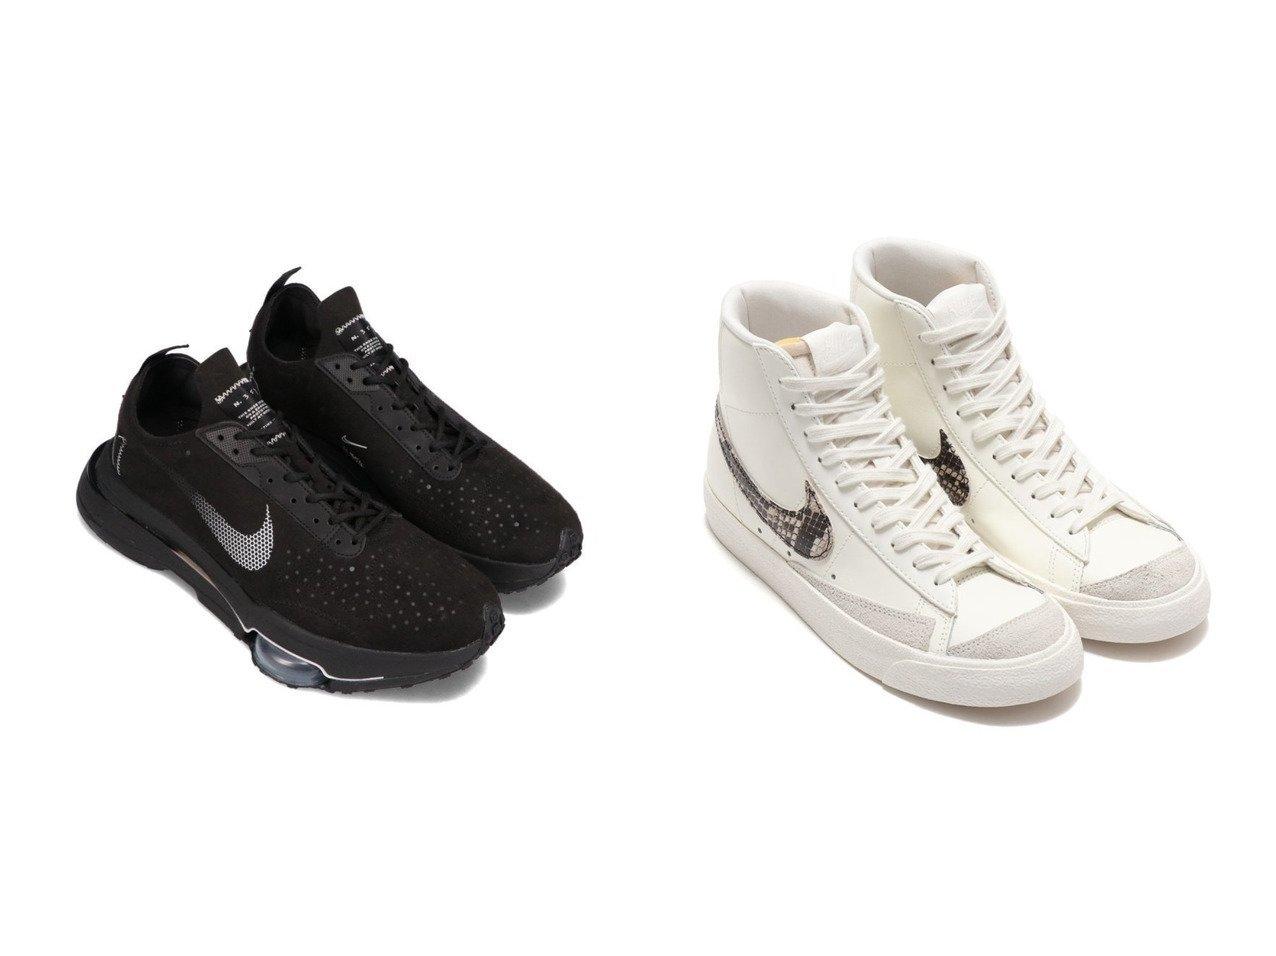 【NIKE/ナイキ】のNIKE W BLAZER MID 77 SE&NIKE AIR ZOOM-TYPE 【シューズ・靴】おすすめ!人気、トレンド・レディースファッションの通販 おすすめで人気の流行・トレンド、ファッションの通販商品 メンズファッション・キッズファッション・インテリア・家具・レディースファッション・服の通販 founy(ファニー) https://founy.com/ ファッション Fashion レディースファッション WOMEN シューズ スニーカー スポーツ スリッポン フォーム スエード モダン 定番 Standard  ID:crp329100000028151